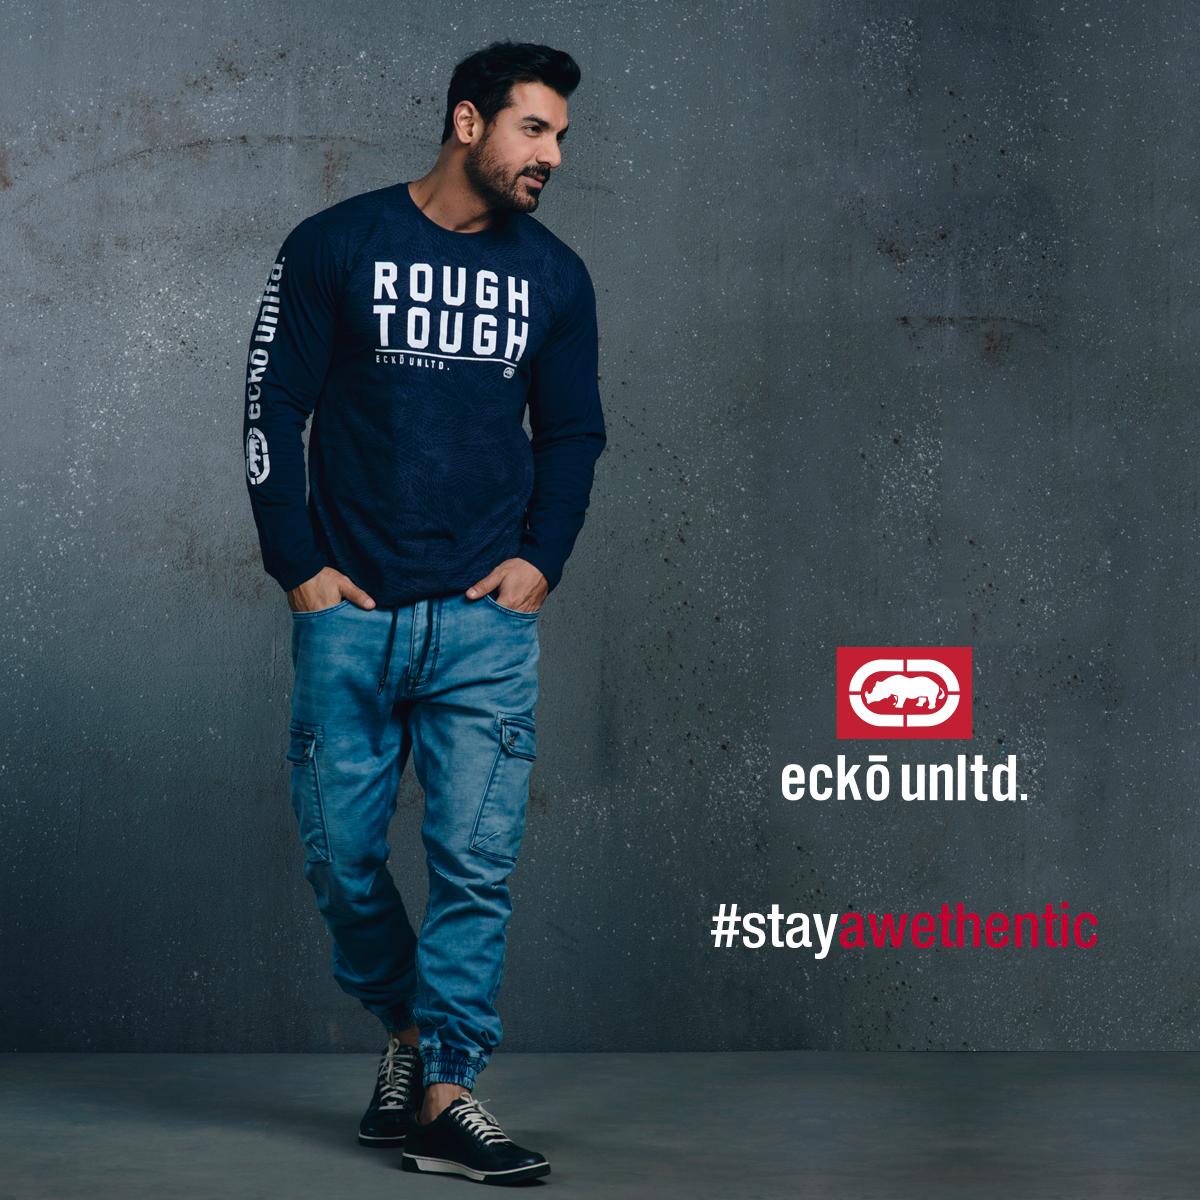 Ecko Unltd T Shirts India 80a2995f5c4